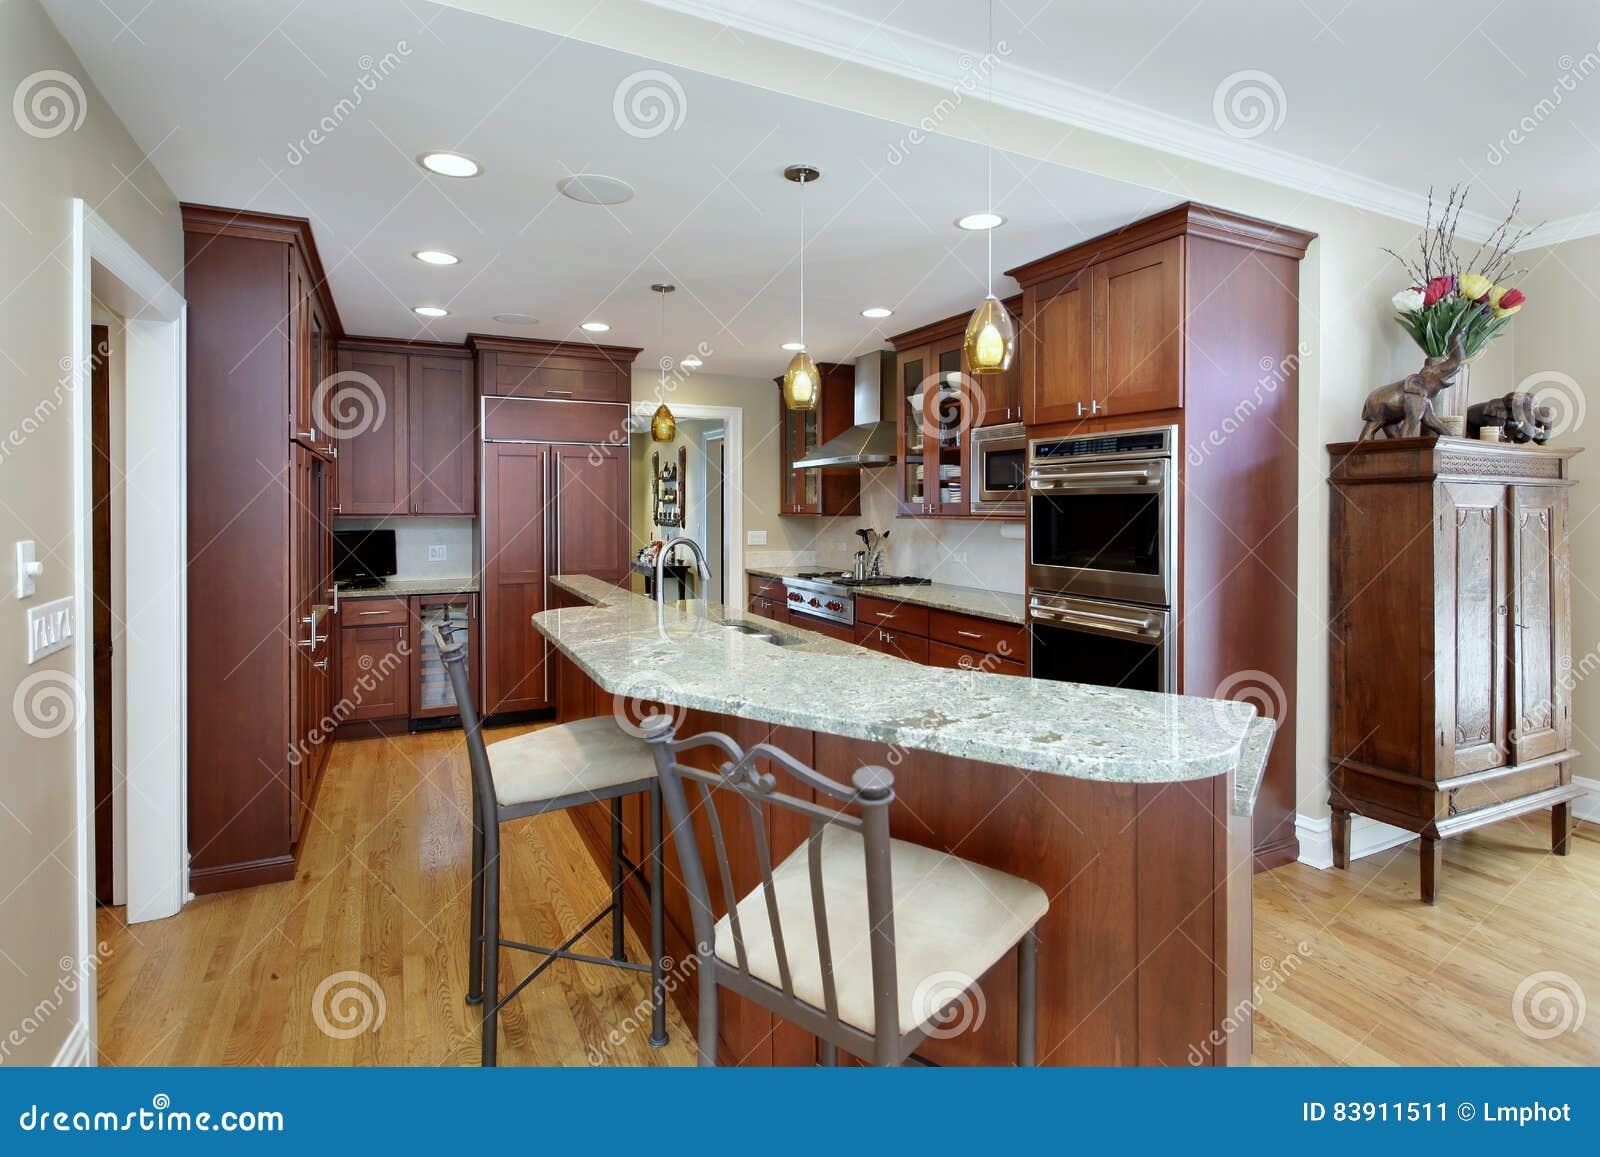 Cozinha Moderna Com Ilha Do Nibus De Dois Andares Imagem De Stock